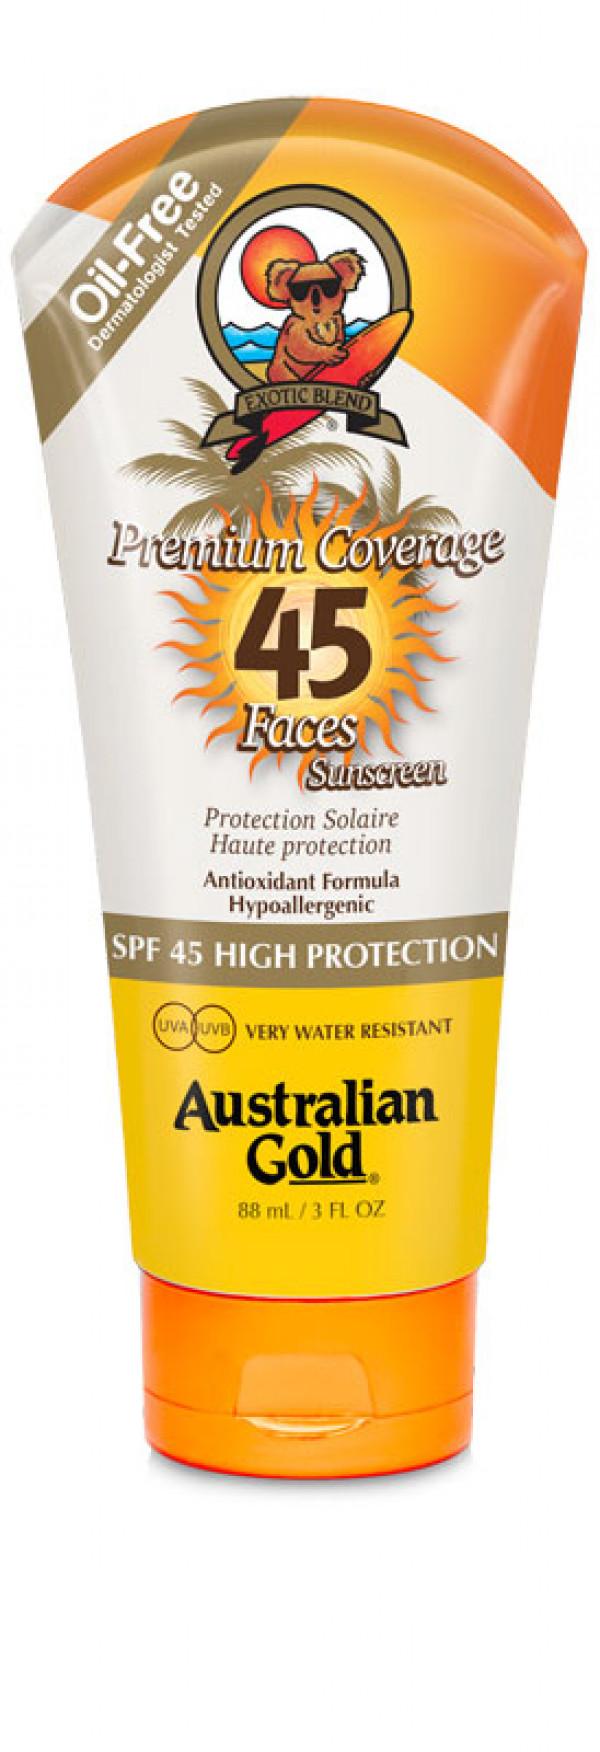 Australian Gold, Premium Coverage  SPF45 faces